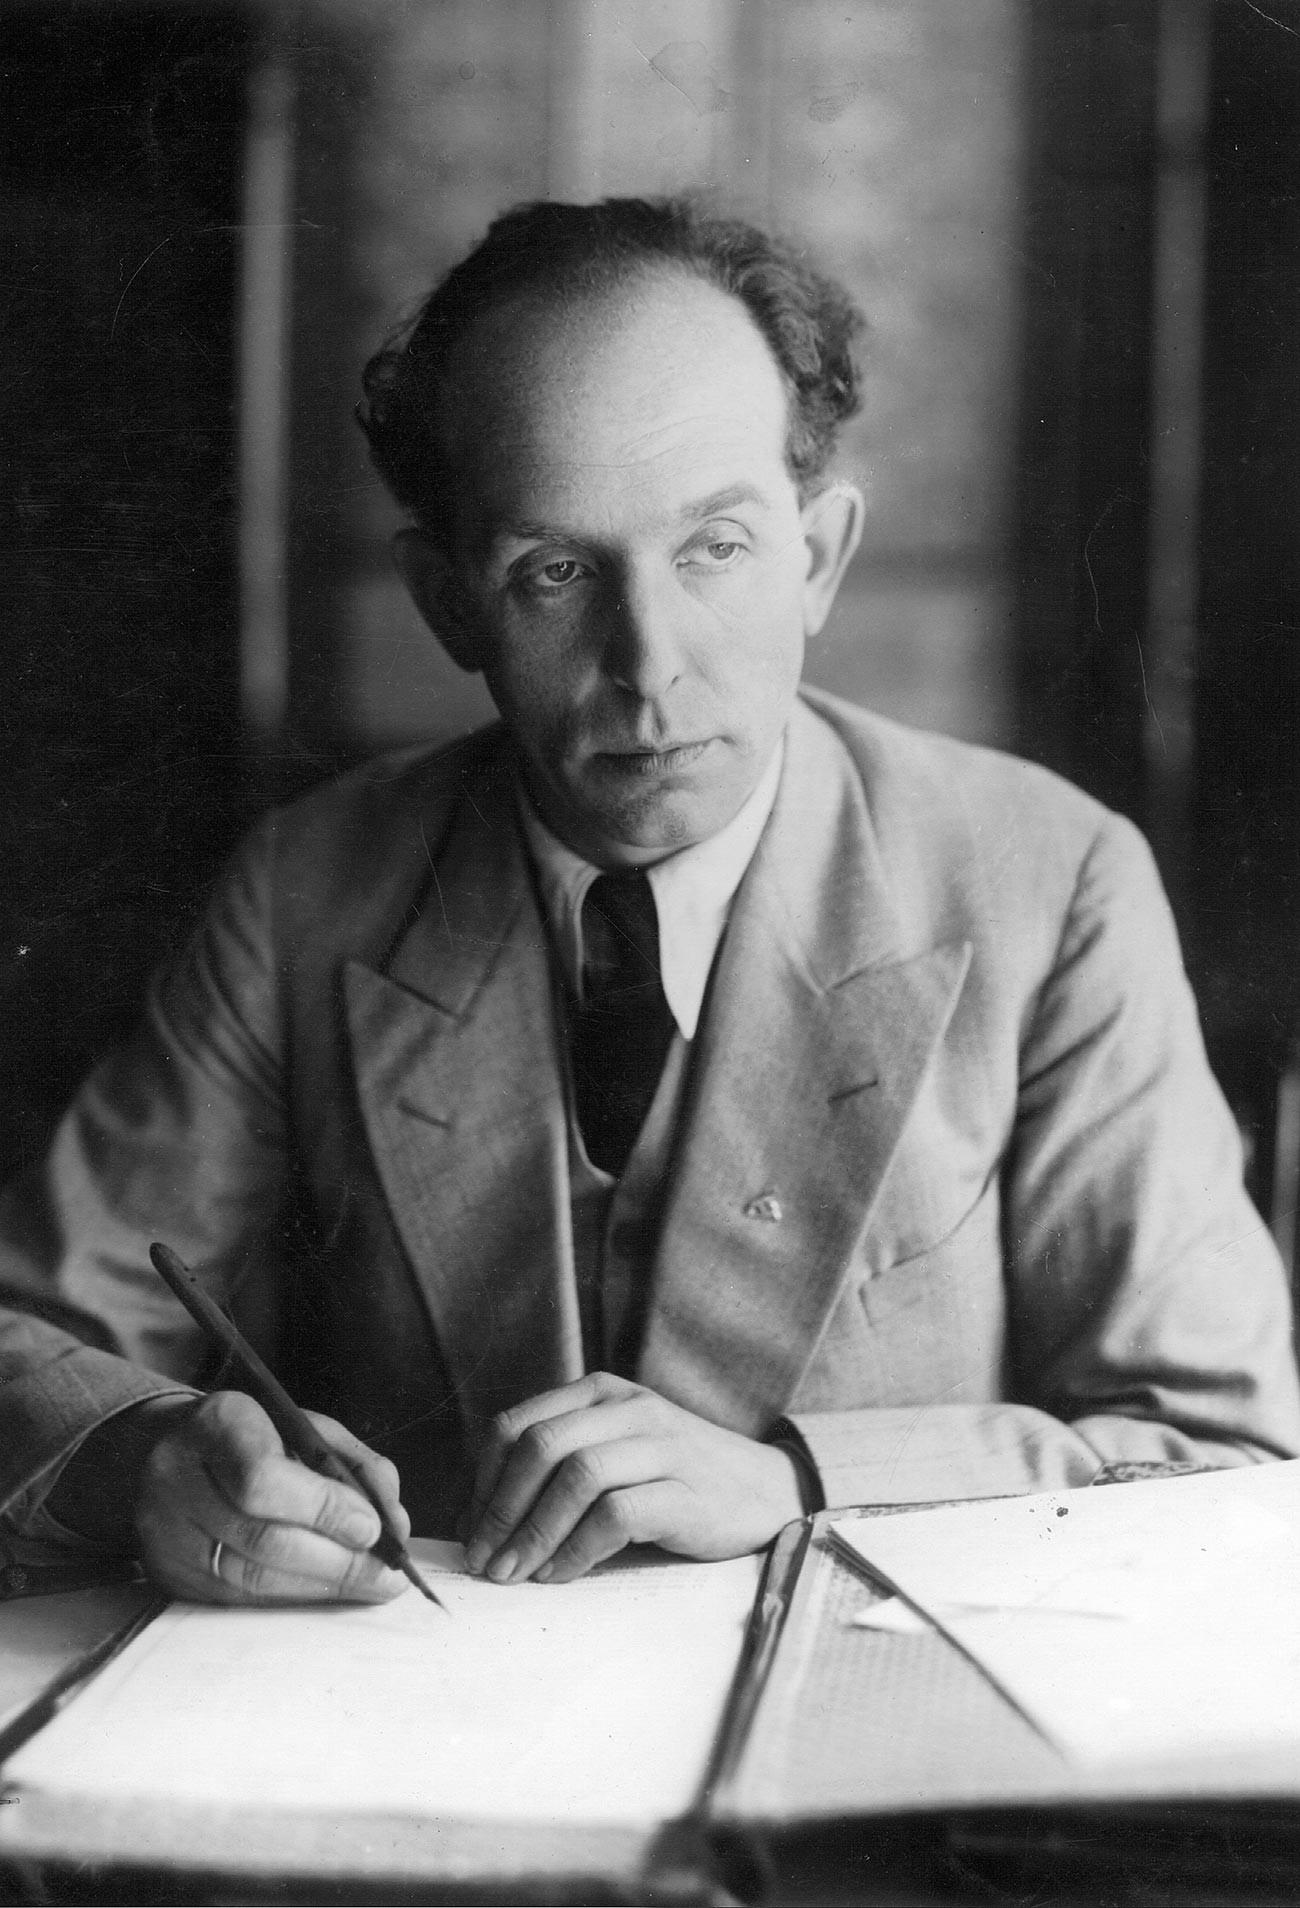 Роланд Фрейслер в 1933 году.